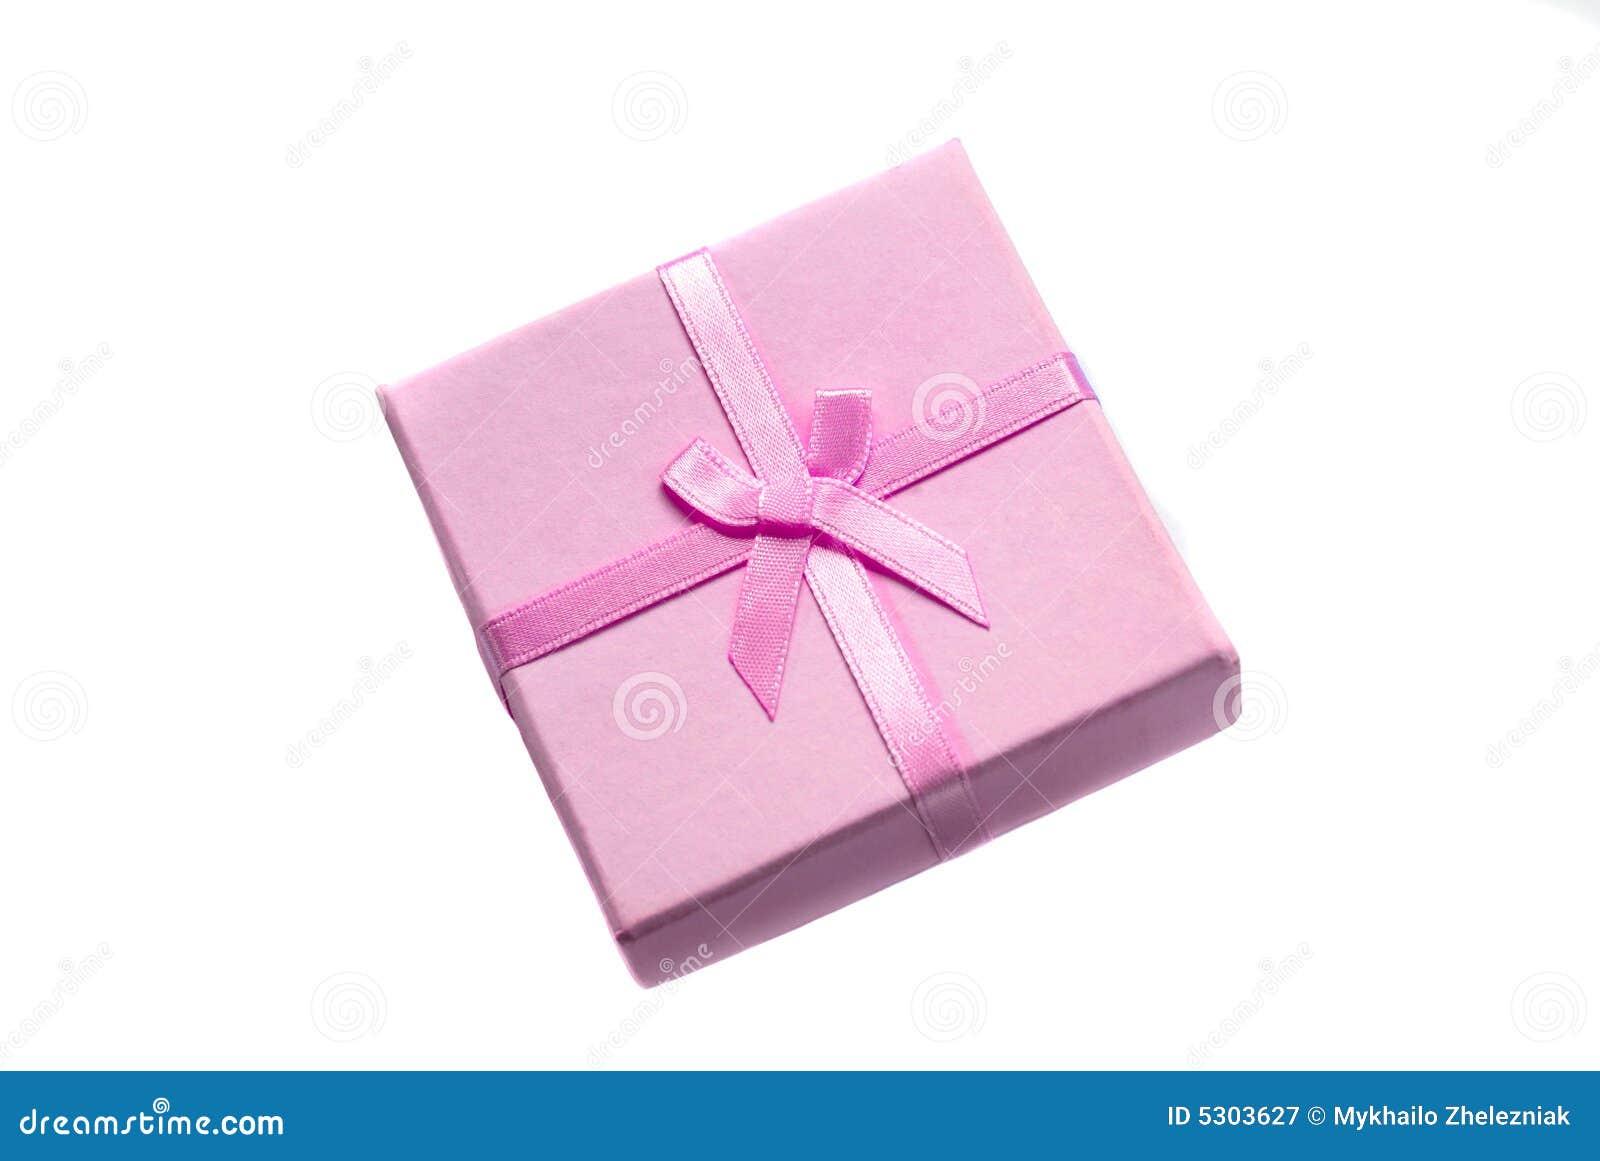 Download Regalo Isolato Su Priorità Bassa Bianca Immagine Stock - Immagine di premio, bianco: 5303627